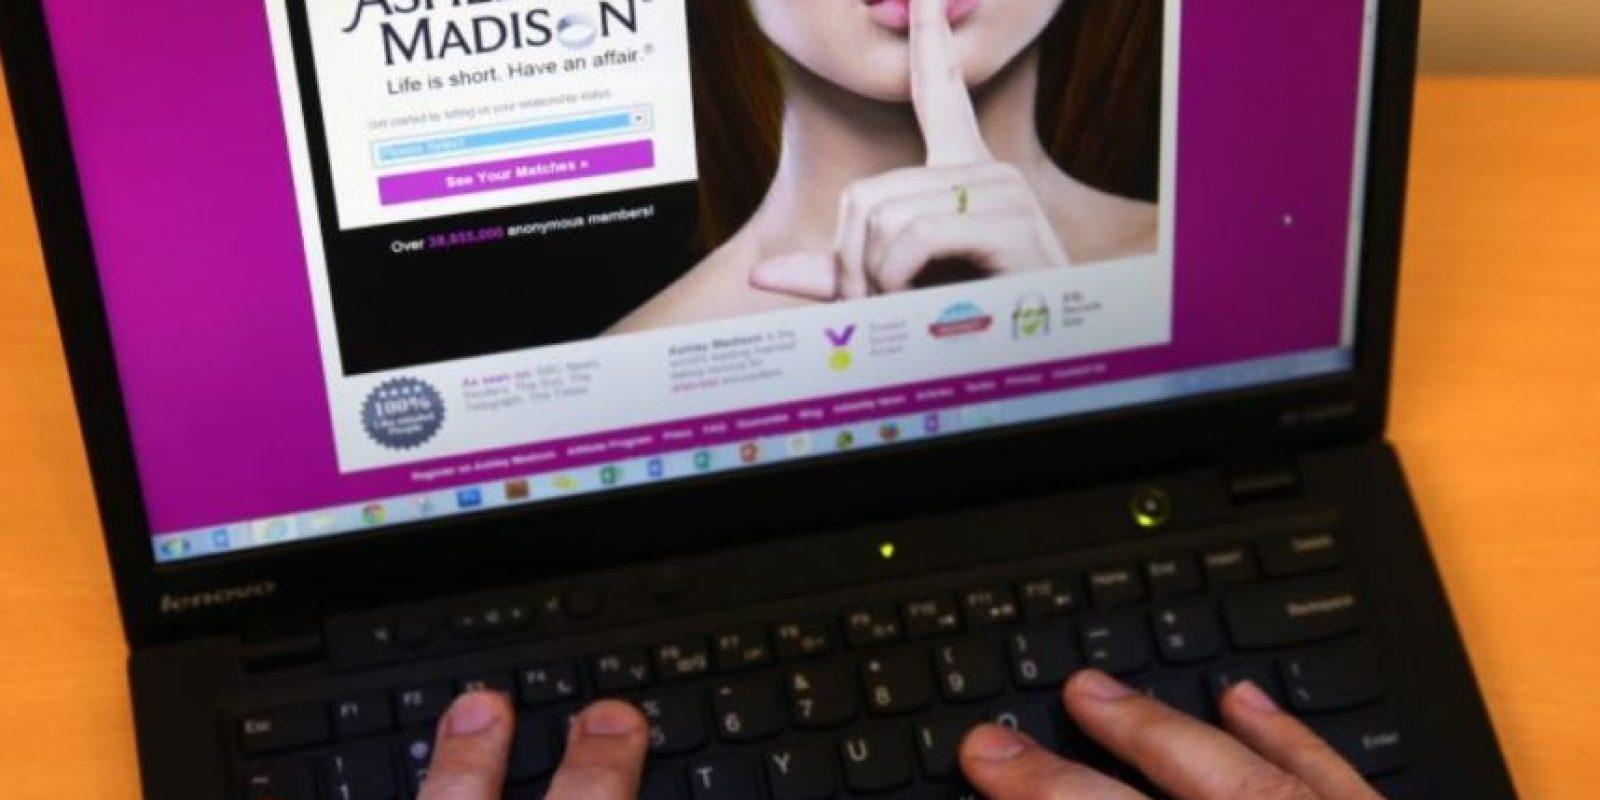 Los datos de sus más de 32 millones de usuarios están en Internet, a disposición de cualquiera que quiera buscarlos. Foto:Getty Images